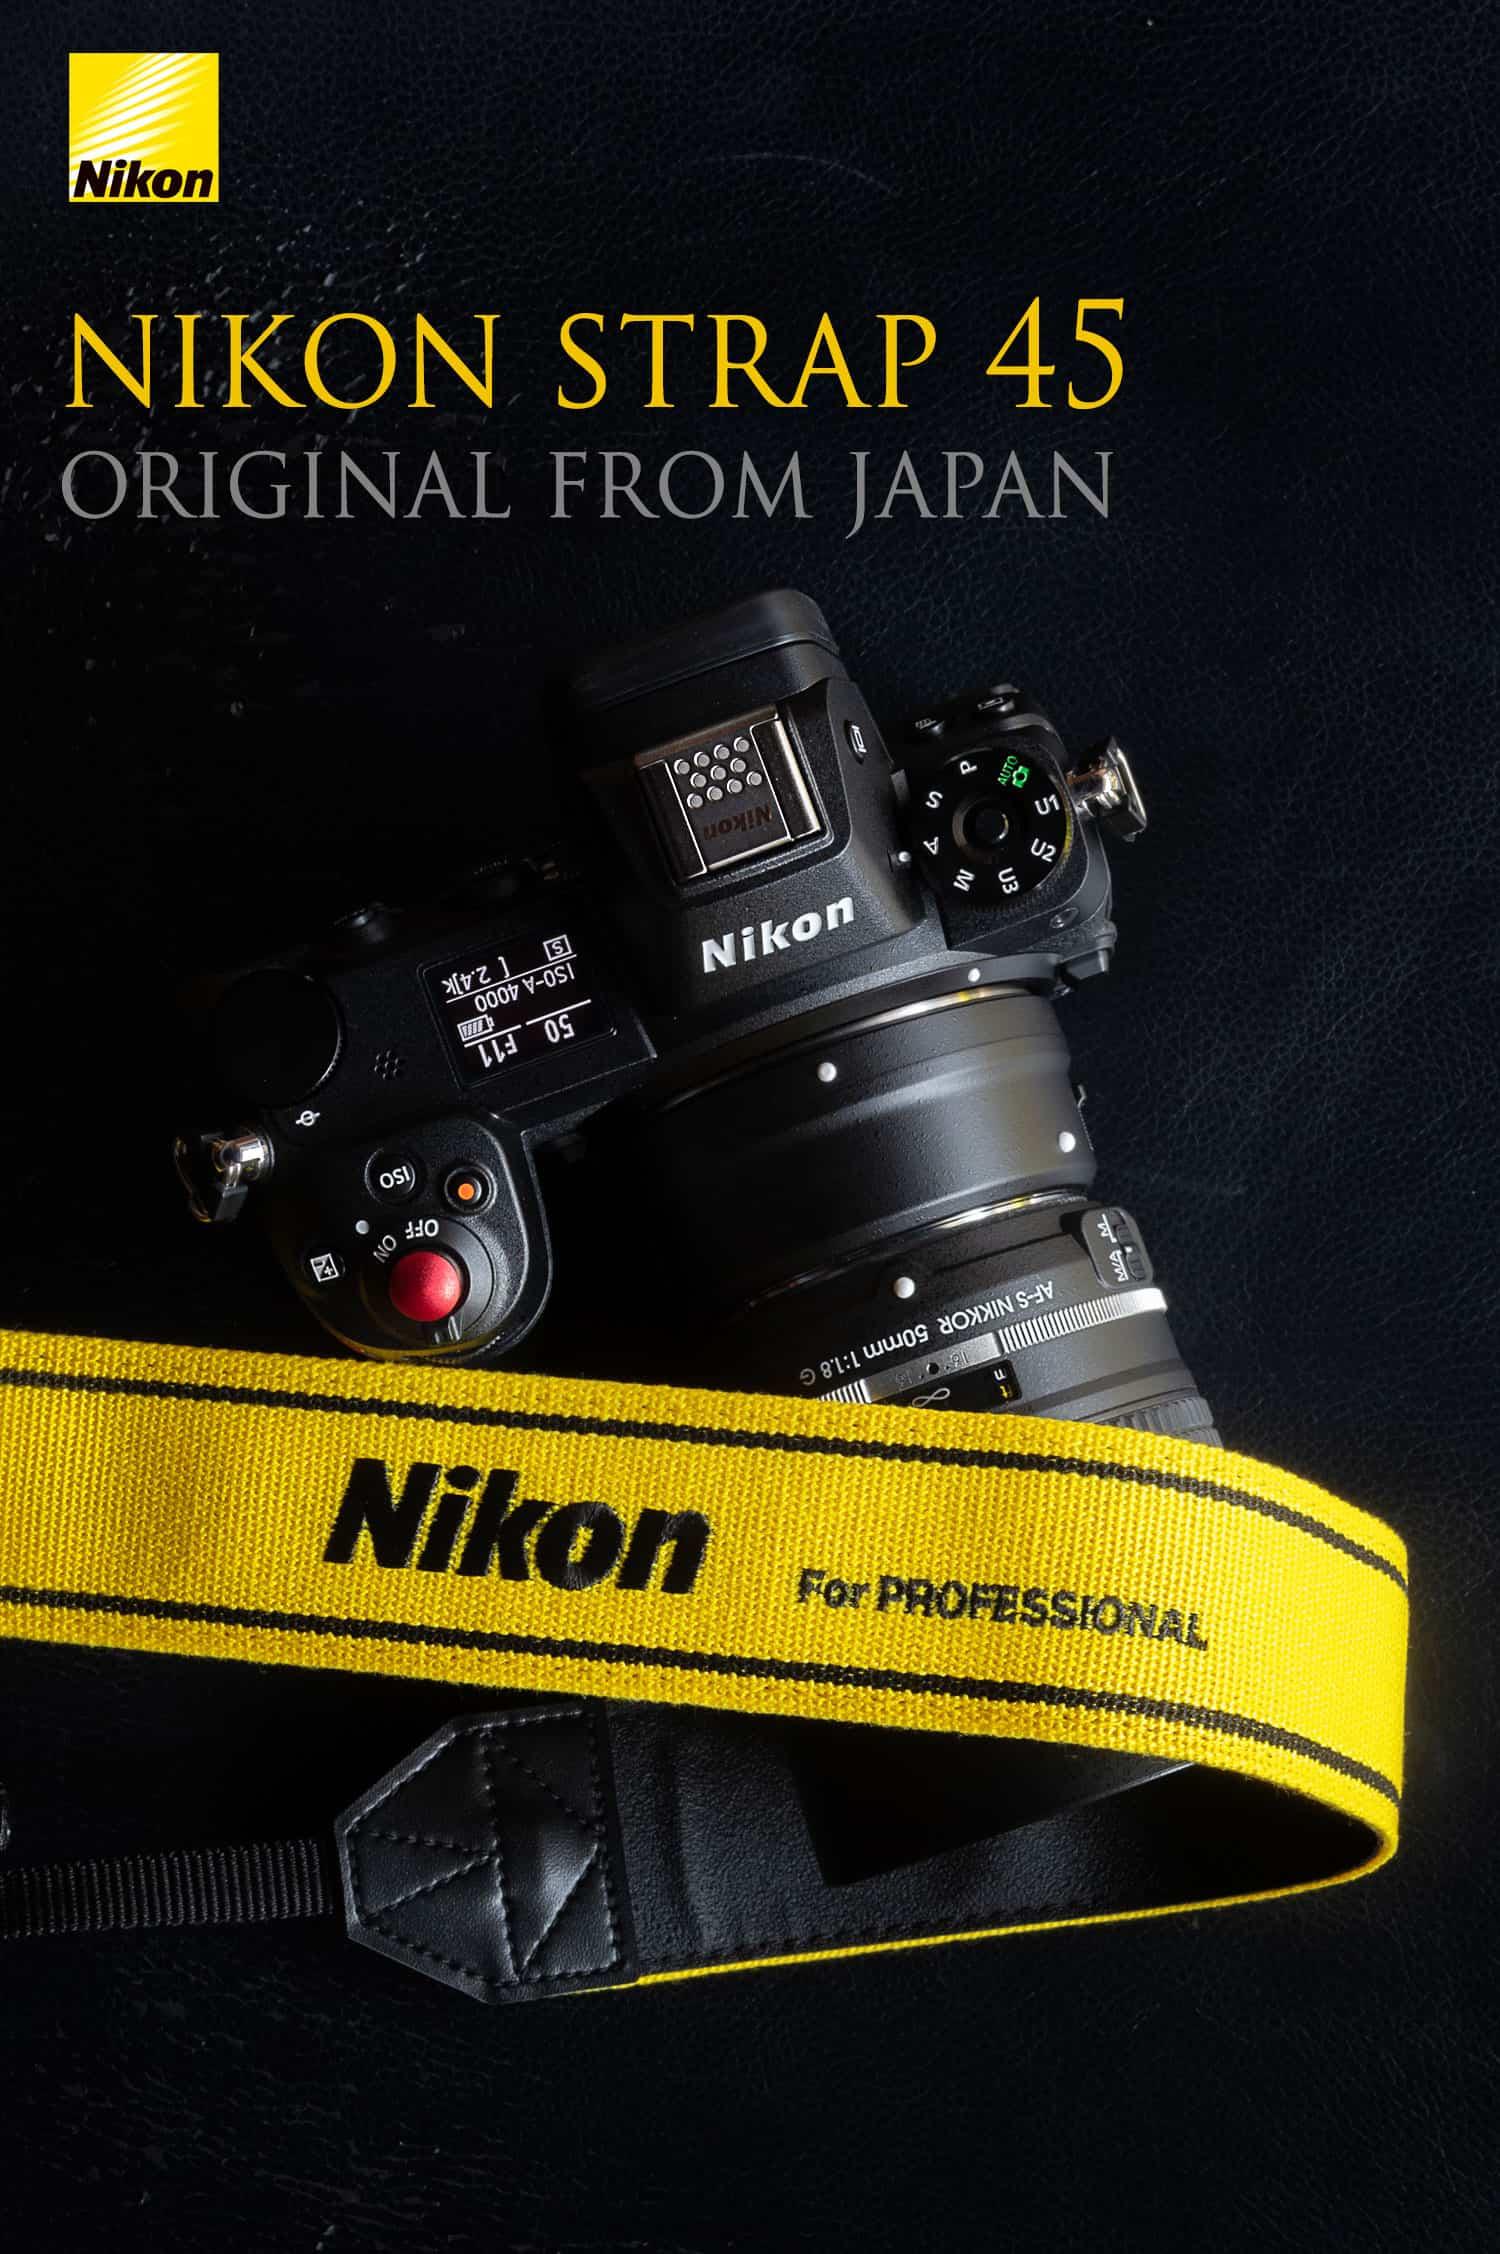 สายคล้องกล้อง Nikon สีเหลือง Strap 45